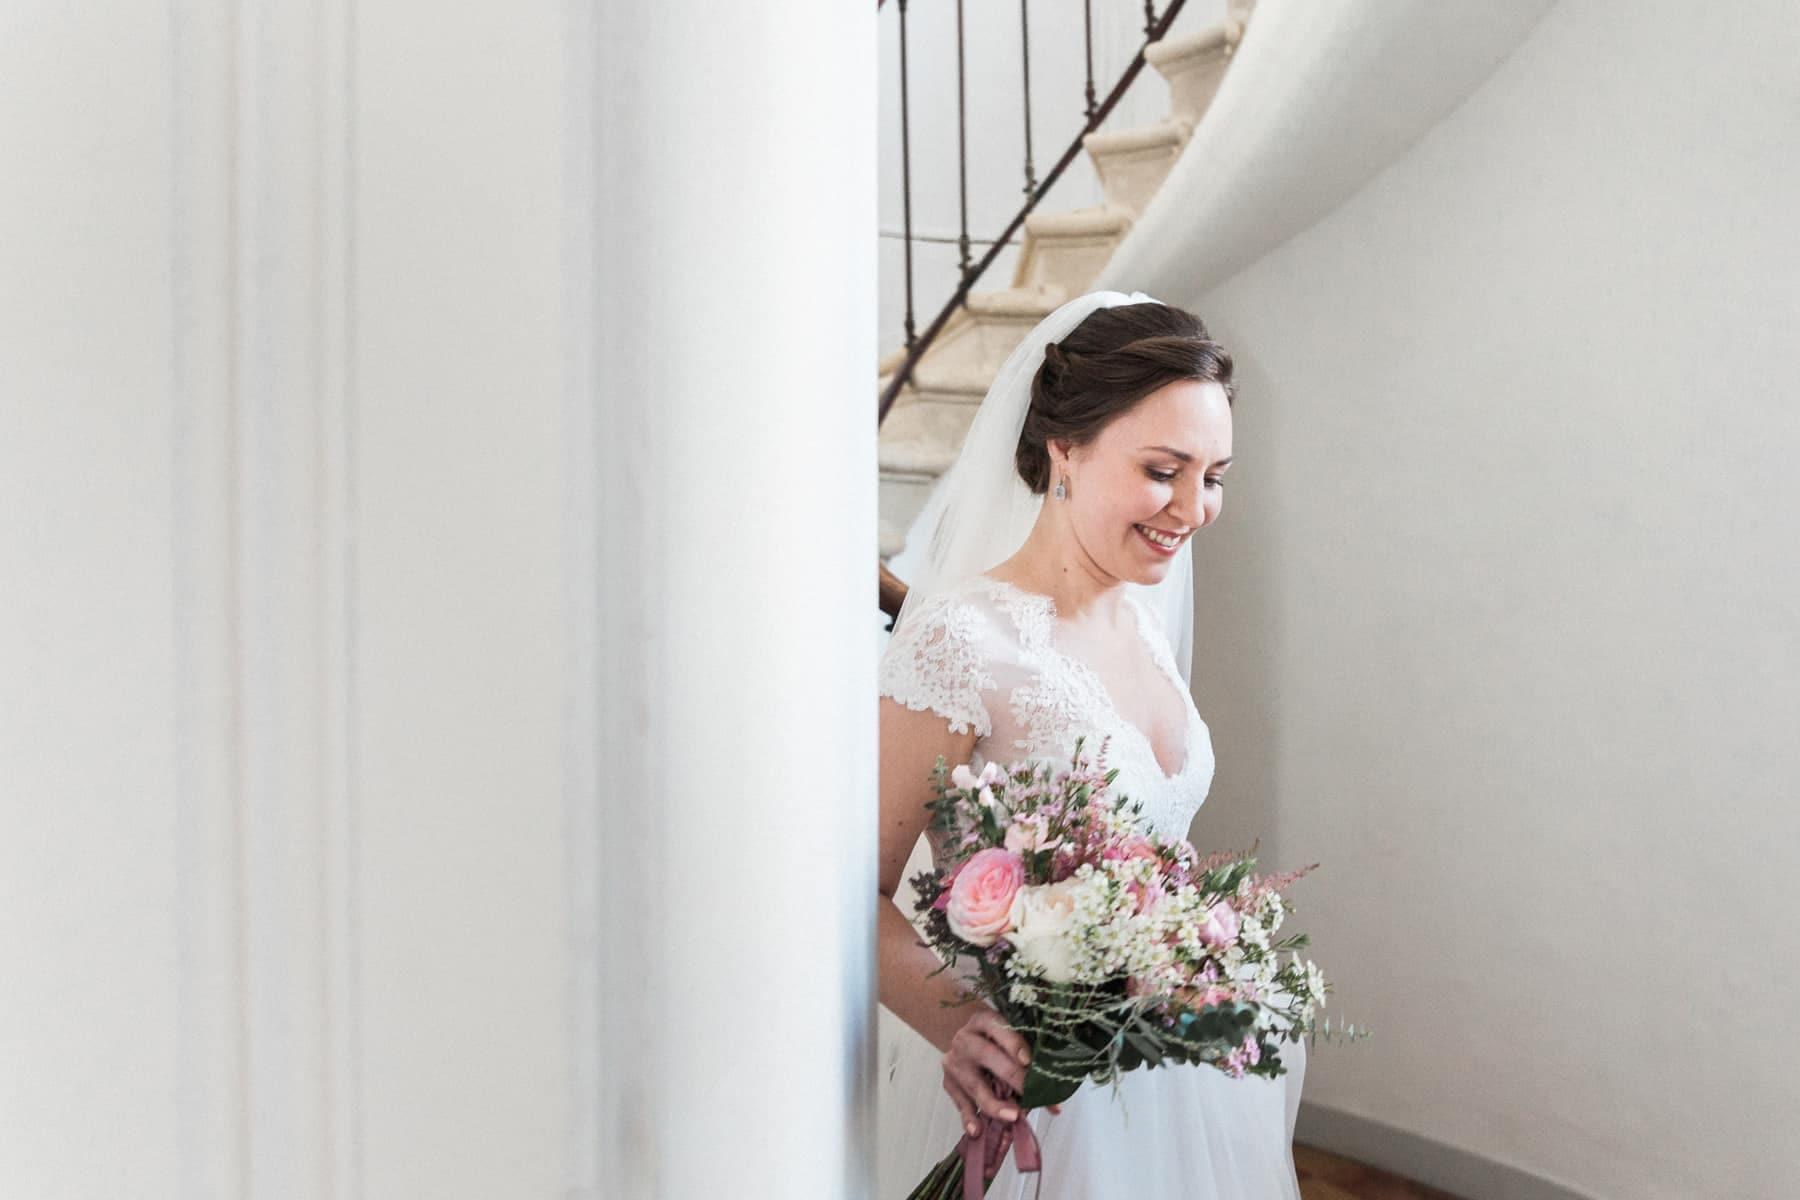 La mariée est prête, avec son sublime bouquet signé Avril-Mai, dans les tons rose pastel blush